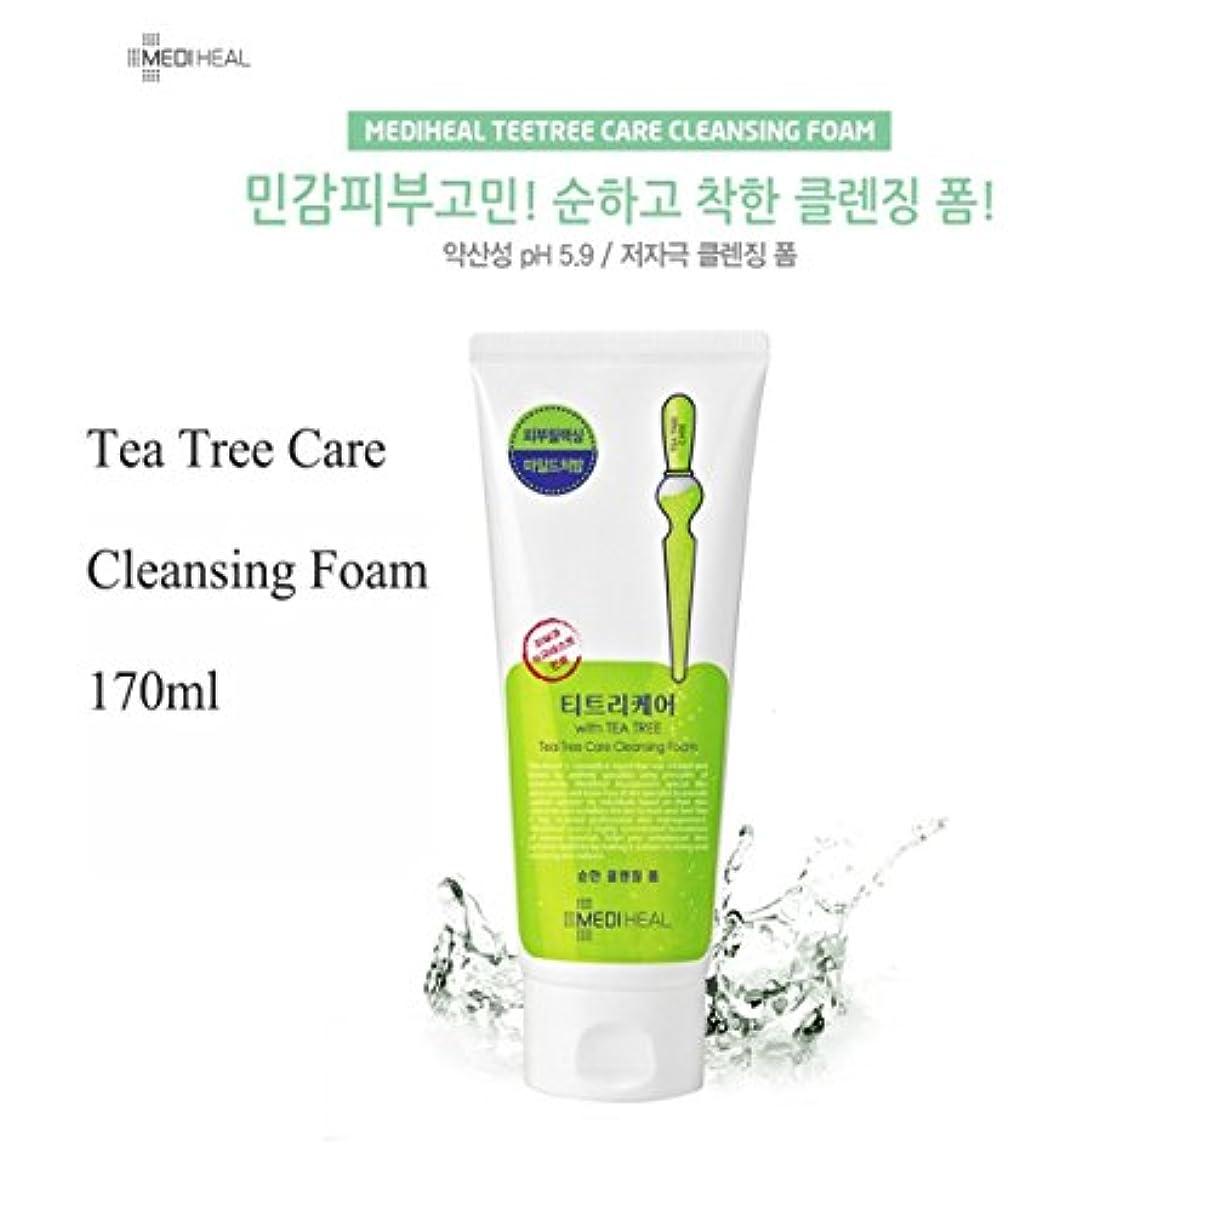 状態供給供給MEDIHEAL Tea Tree Foam Cleansing 170ml/メディヒール ティー ツリー フォーム クレンジング 170ml